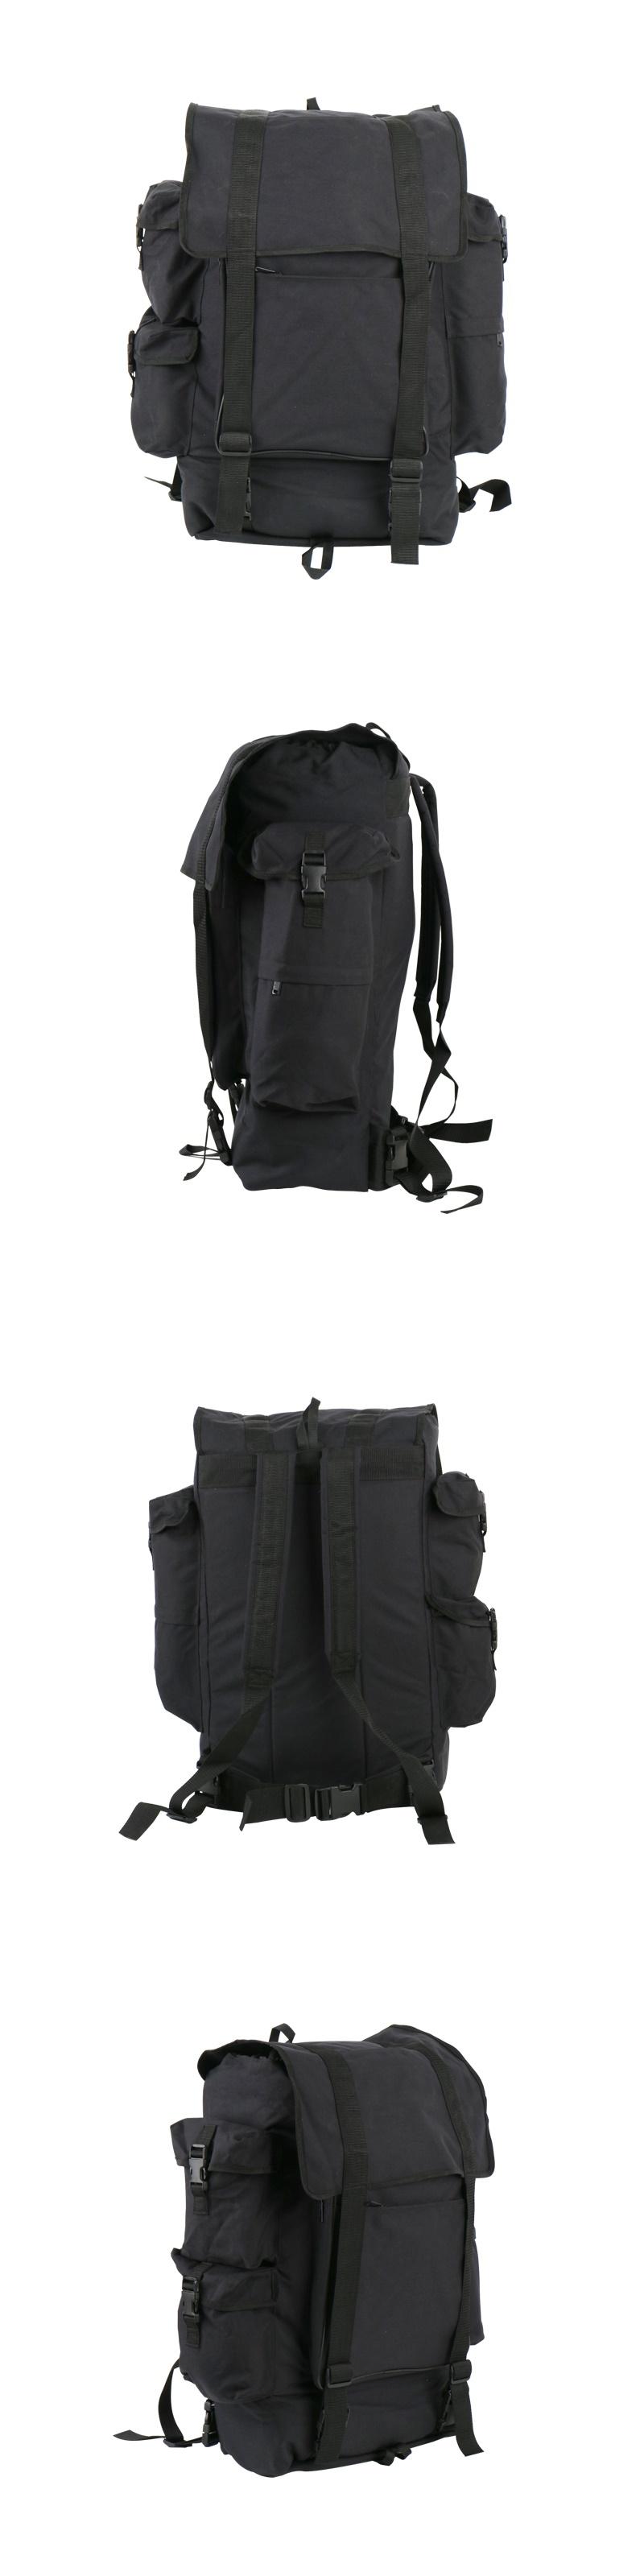 특공대 전술배낭 DP-TBG44